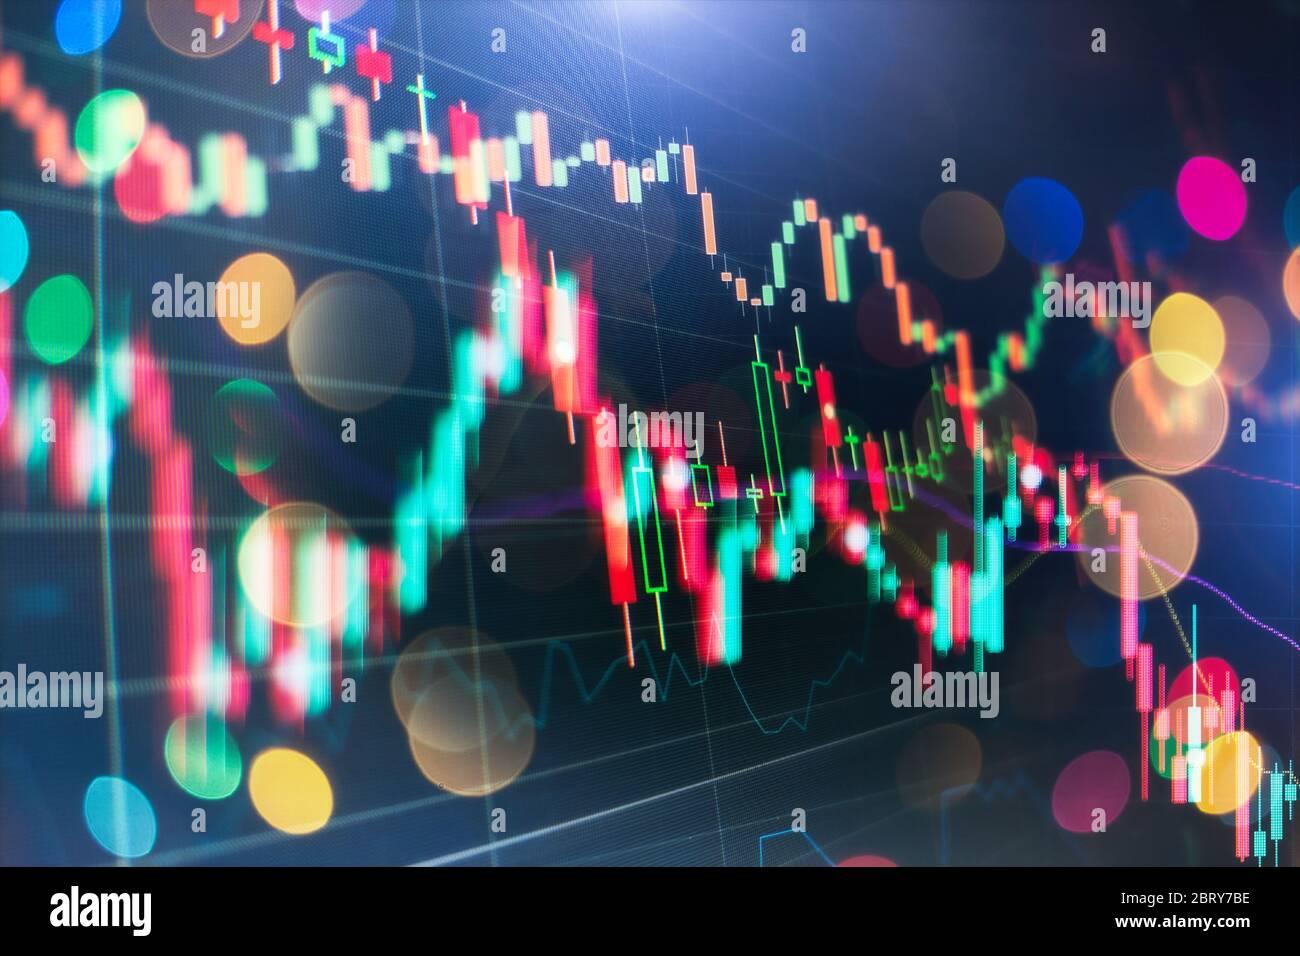 Gráfico económico con diagramas en el mercado bursátil, para negocios y conceptos financieros e informes. Foto de stock